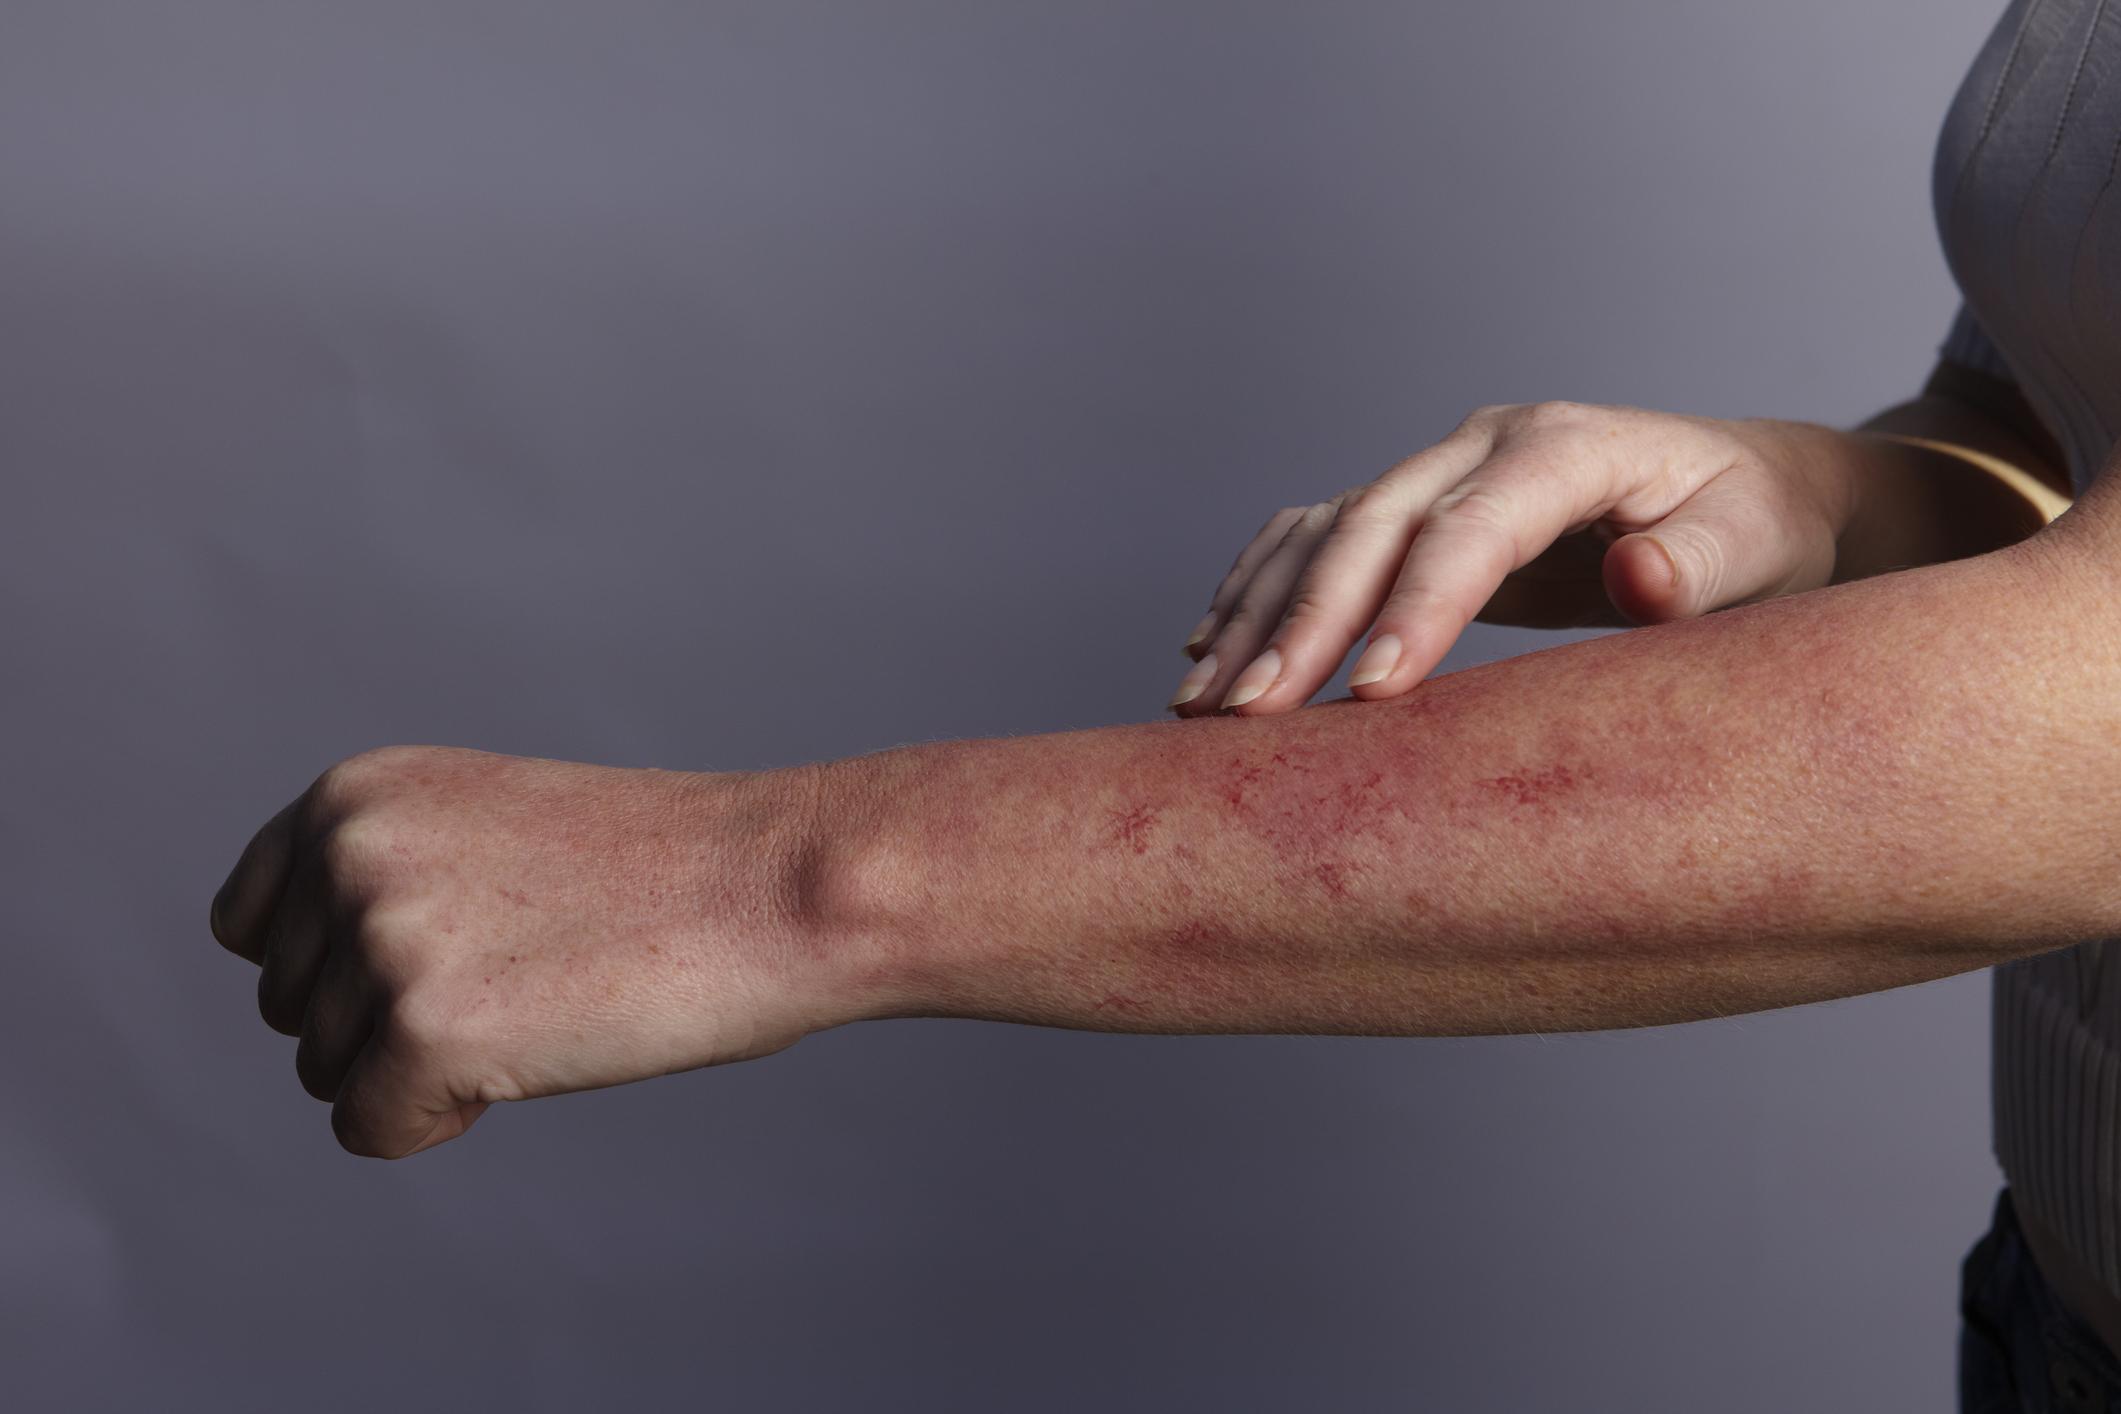 articulație cutanată și dureroasă